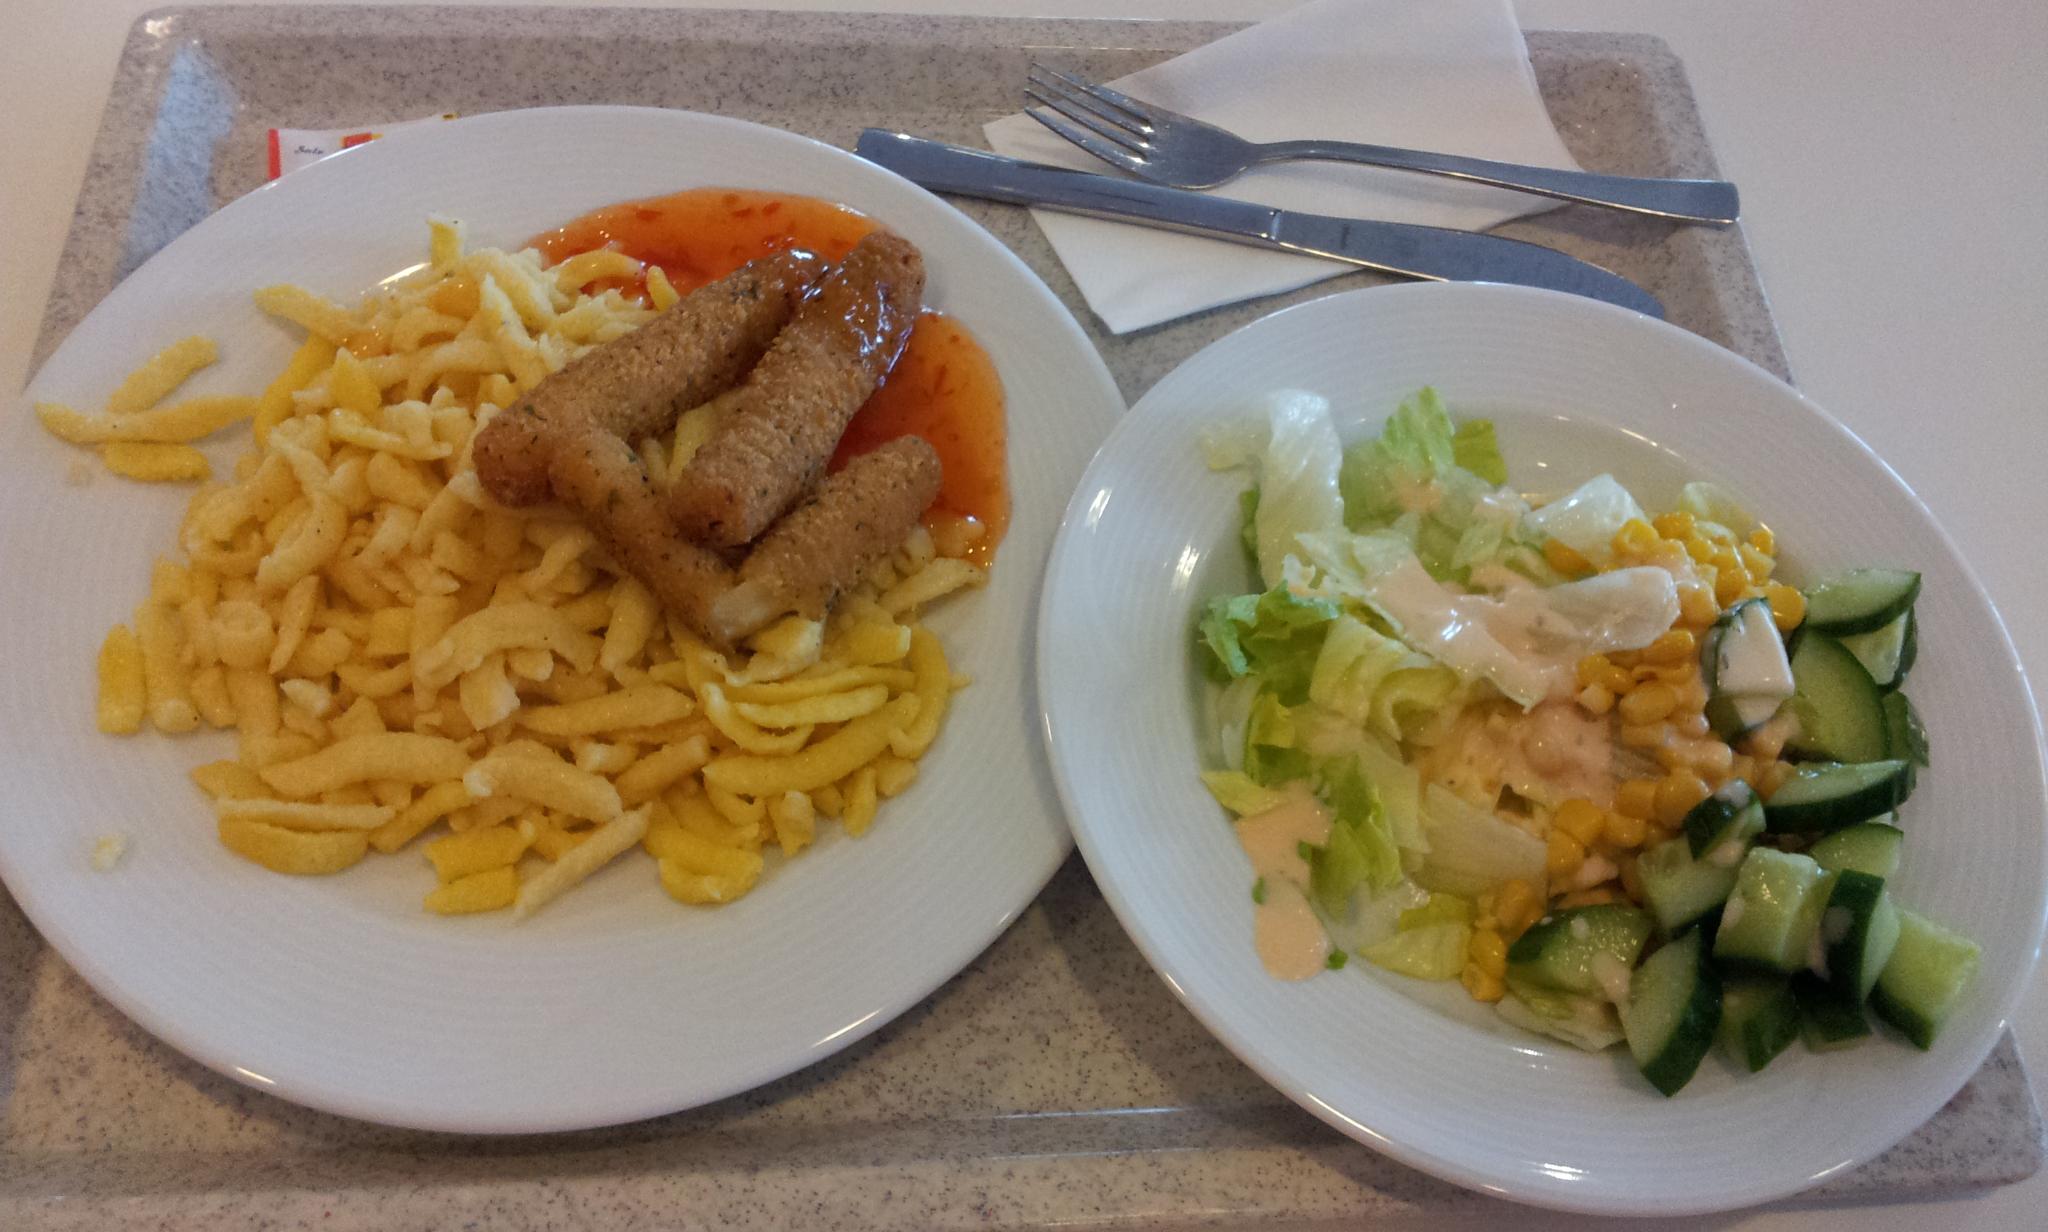 https://foodloader.net/Holz_2011-07-09_Spaetzle_mit_Mozzarella-Sticks_und_Salat.jpg